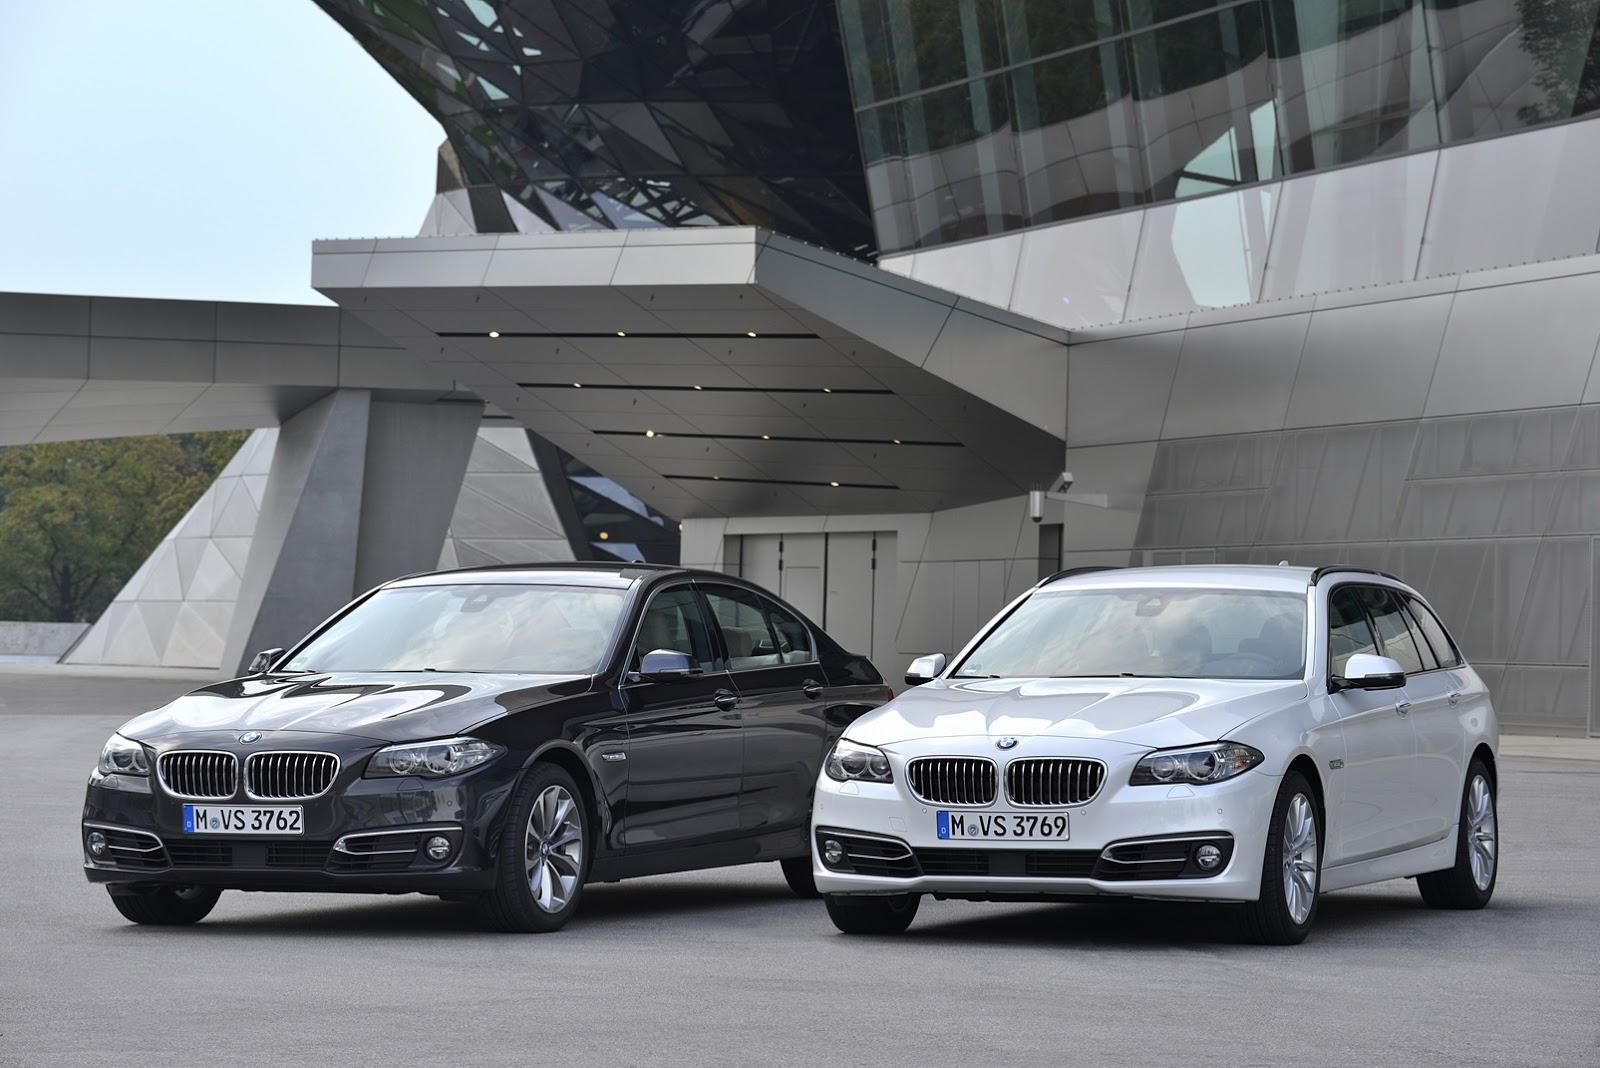 BMW 518d và 520d sử dụng thế hệ động cơ Diesel 2.0L mới